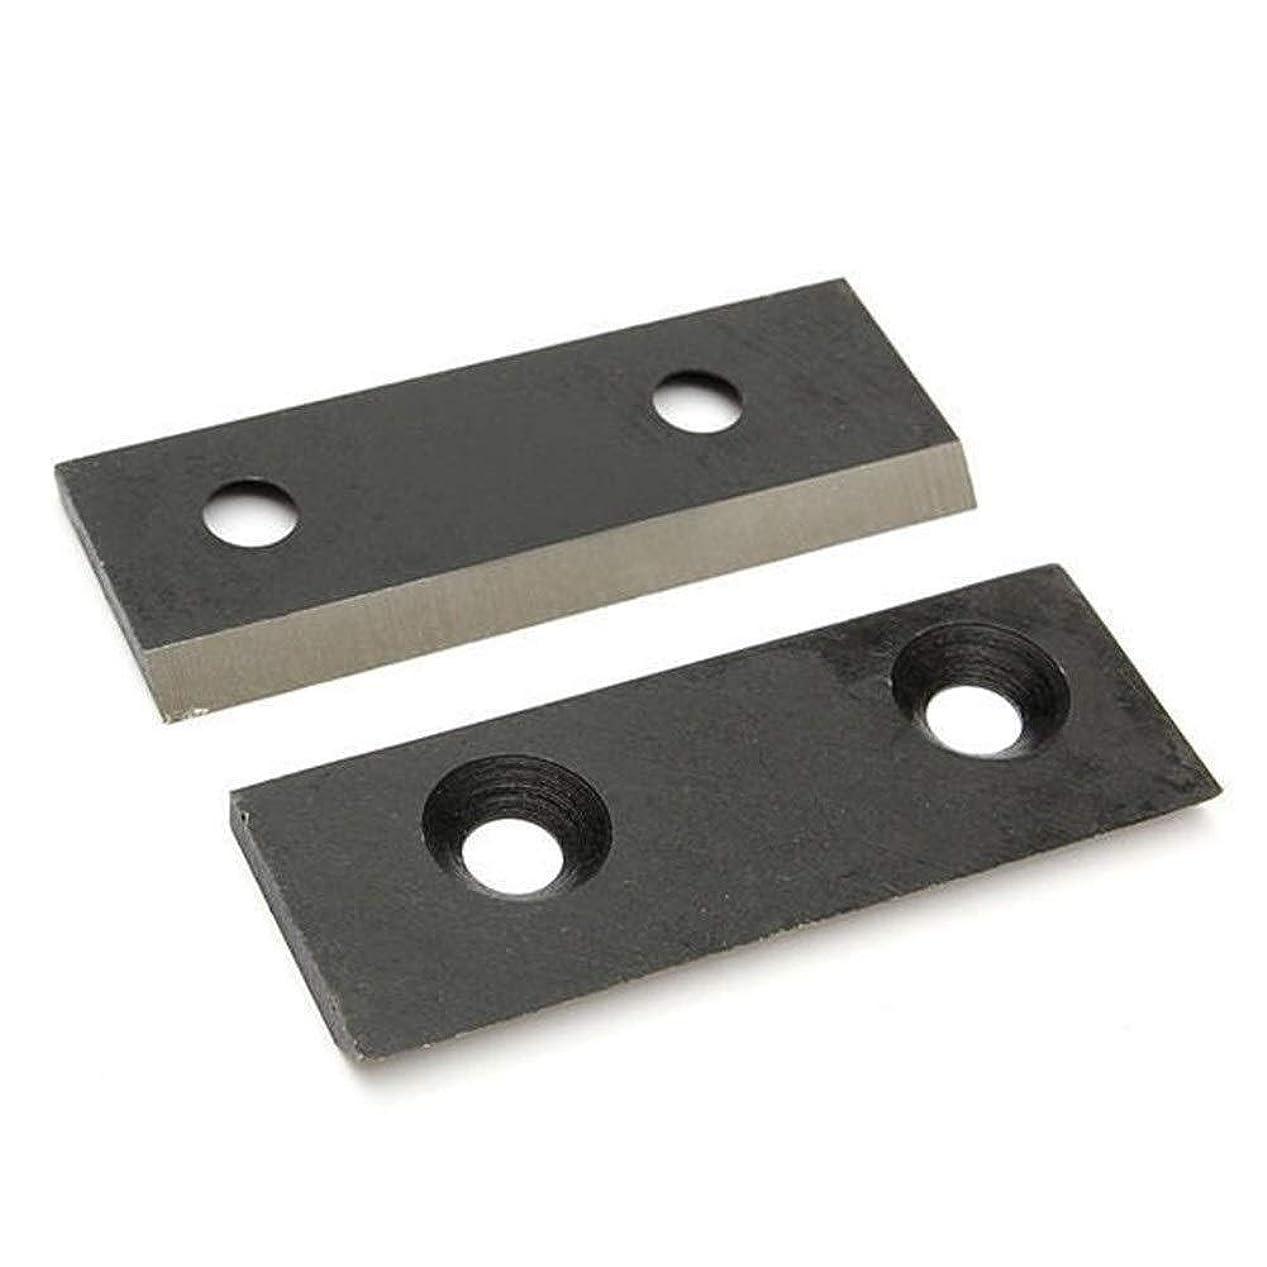 キノコクレジットびんTAO-Z 2個スチールシュレッダーチッパーブレードセットフィット感のためのMTDサーキュラーソーブレード 金属用丸鋸替刃 ダイヤモンドソーブレード 切断工具